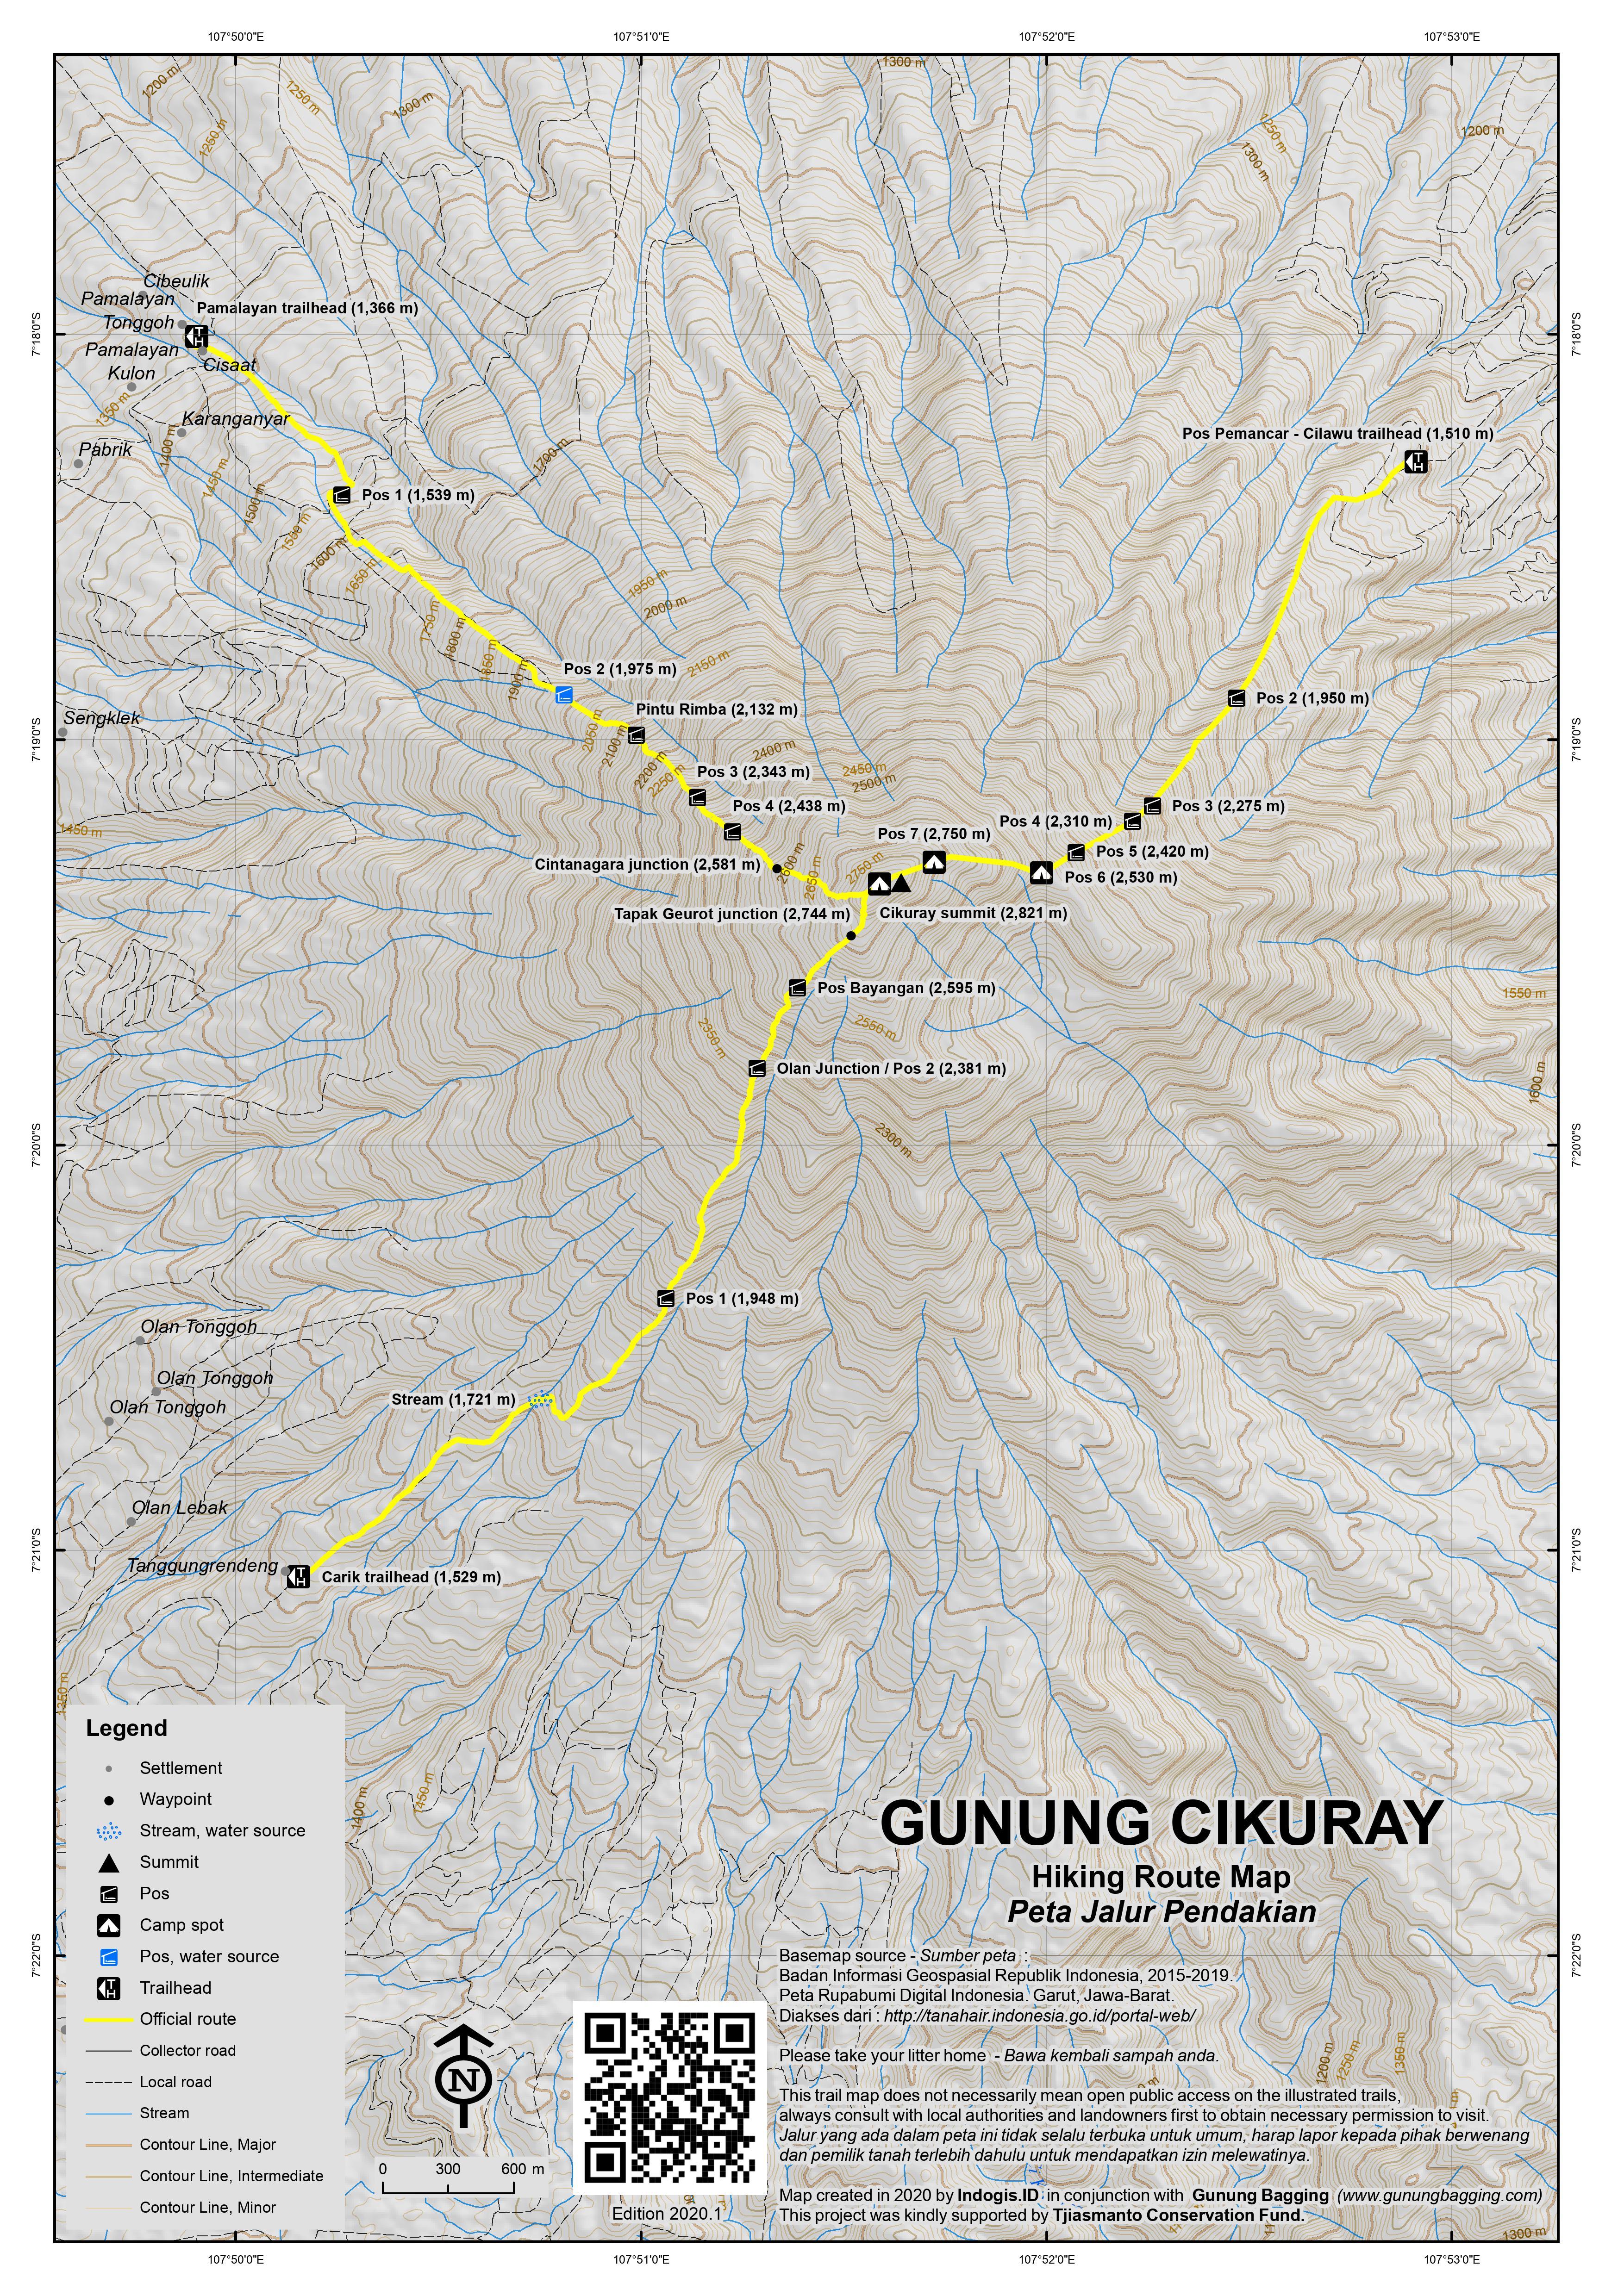 Peta Jalur Pendakian Gunung Cikuray